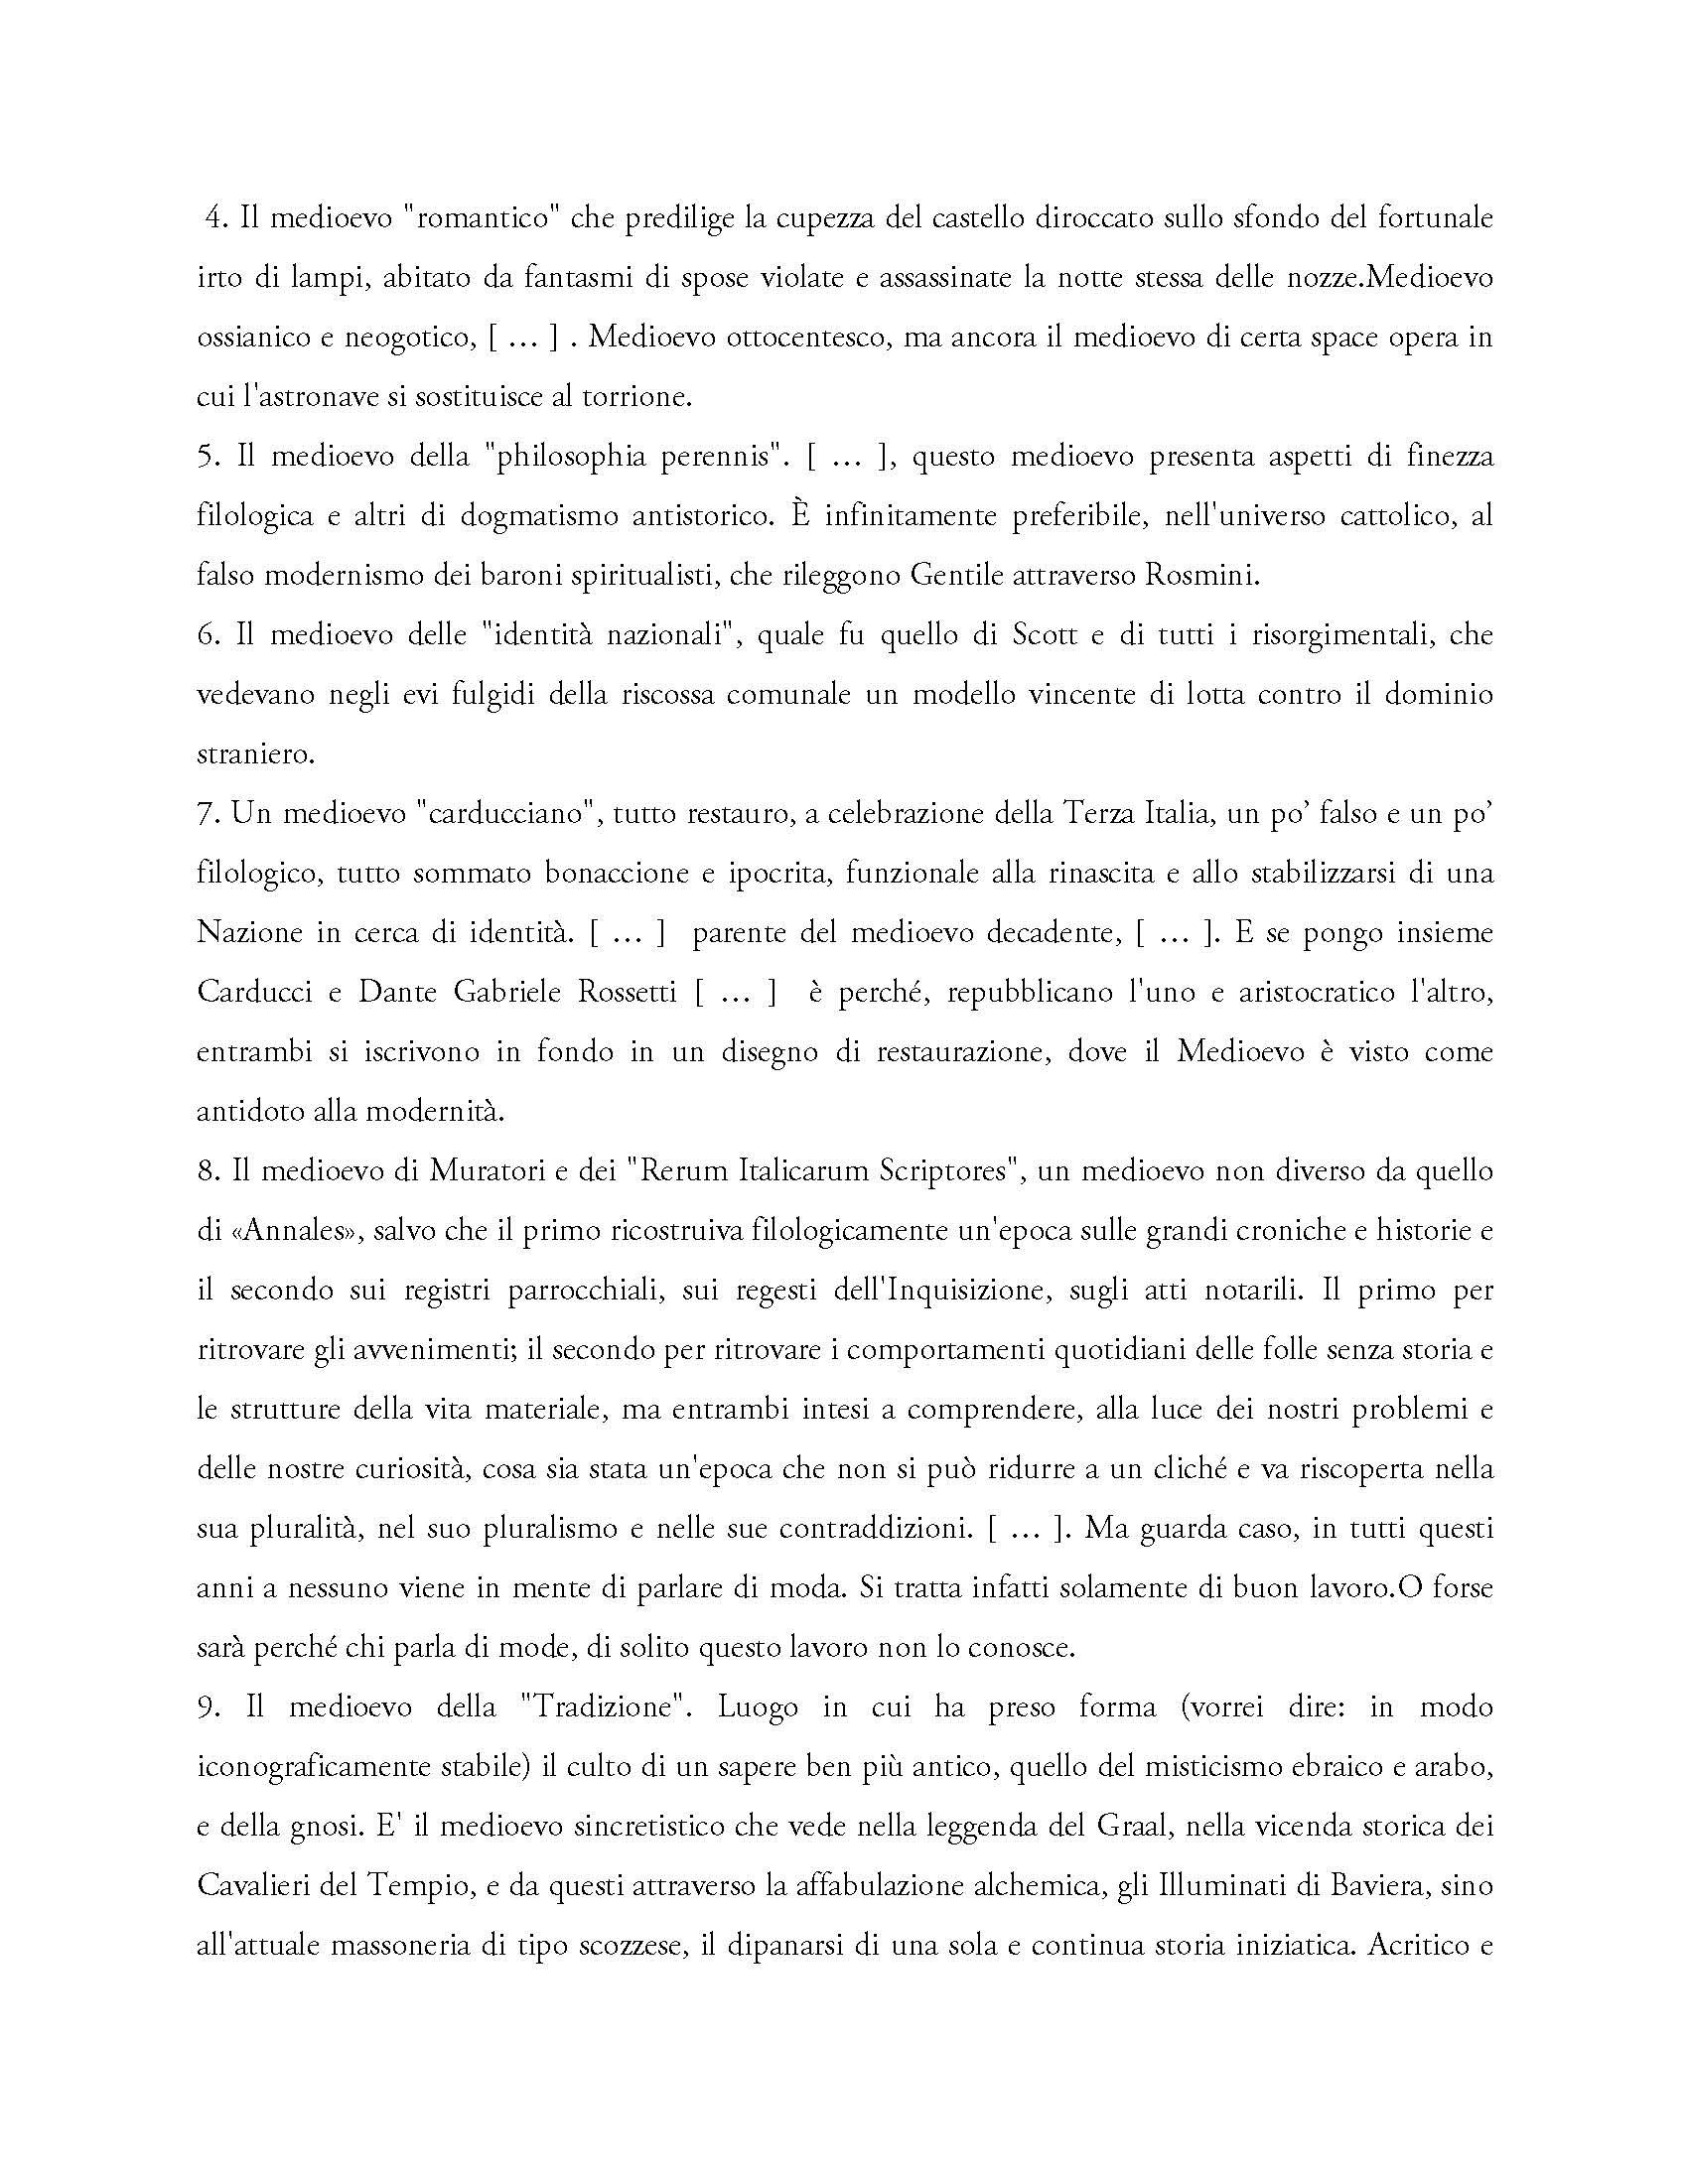 ECO__Dieci_modi_di_sognare_il_medioevo_Pagina_3